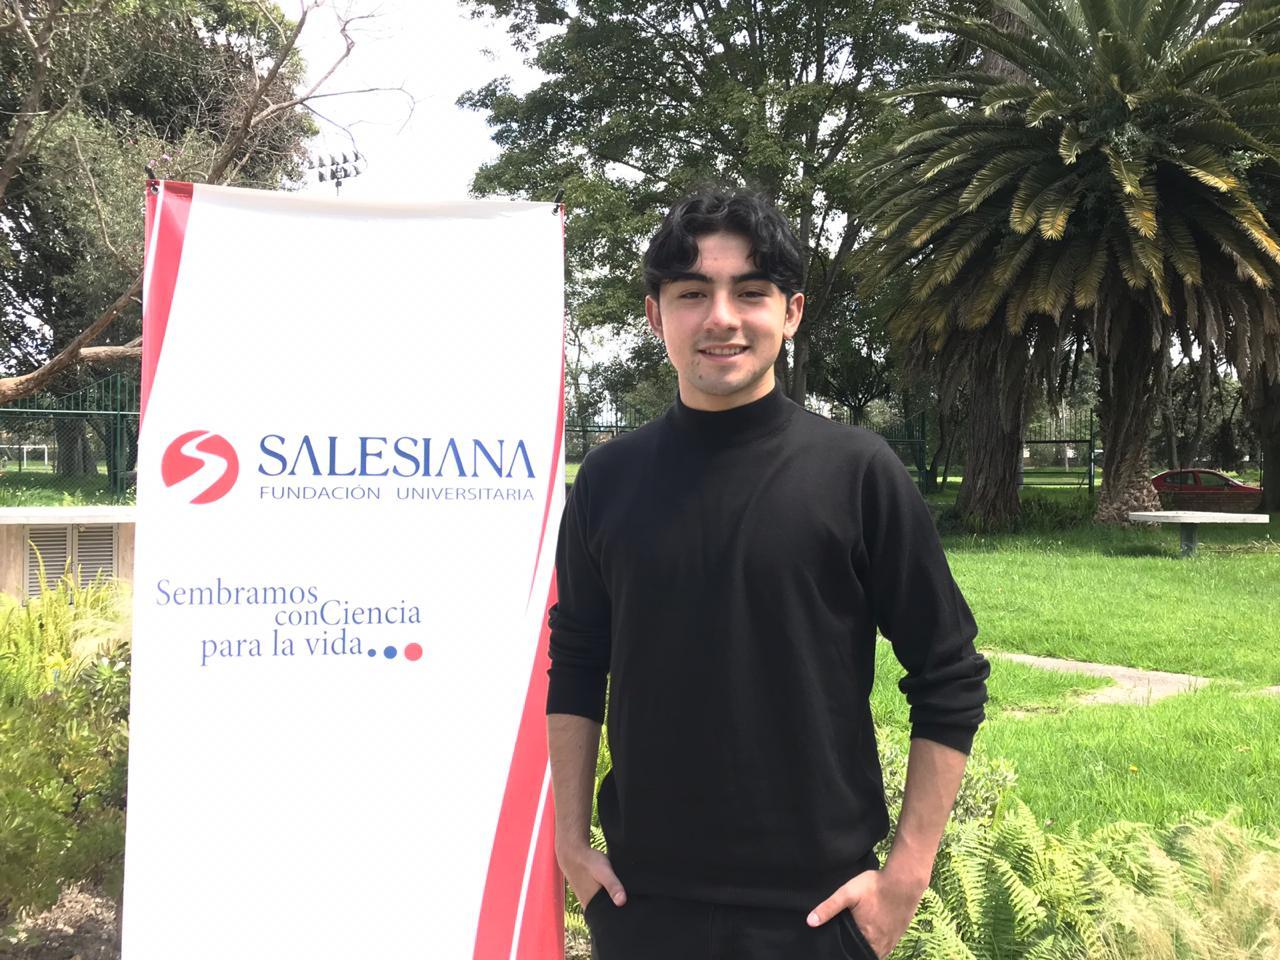 Brayan confía su futuro y su formación a SALESIANA 6